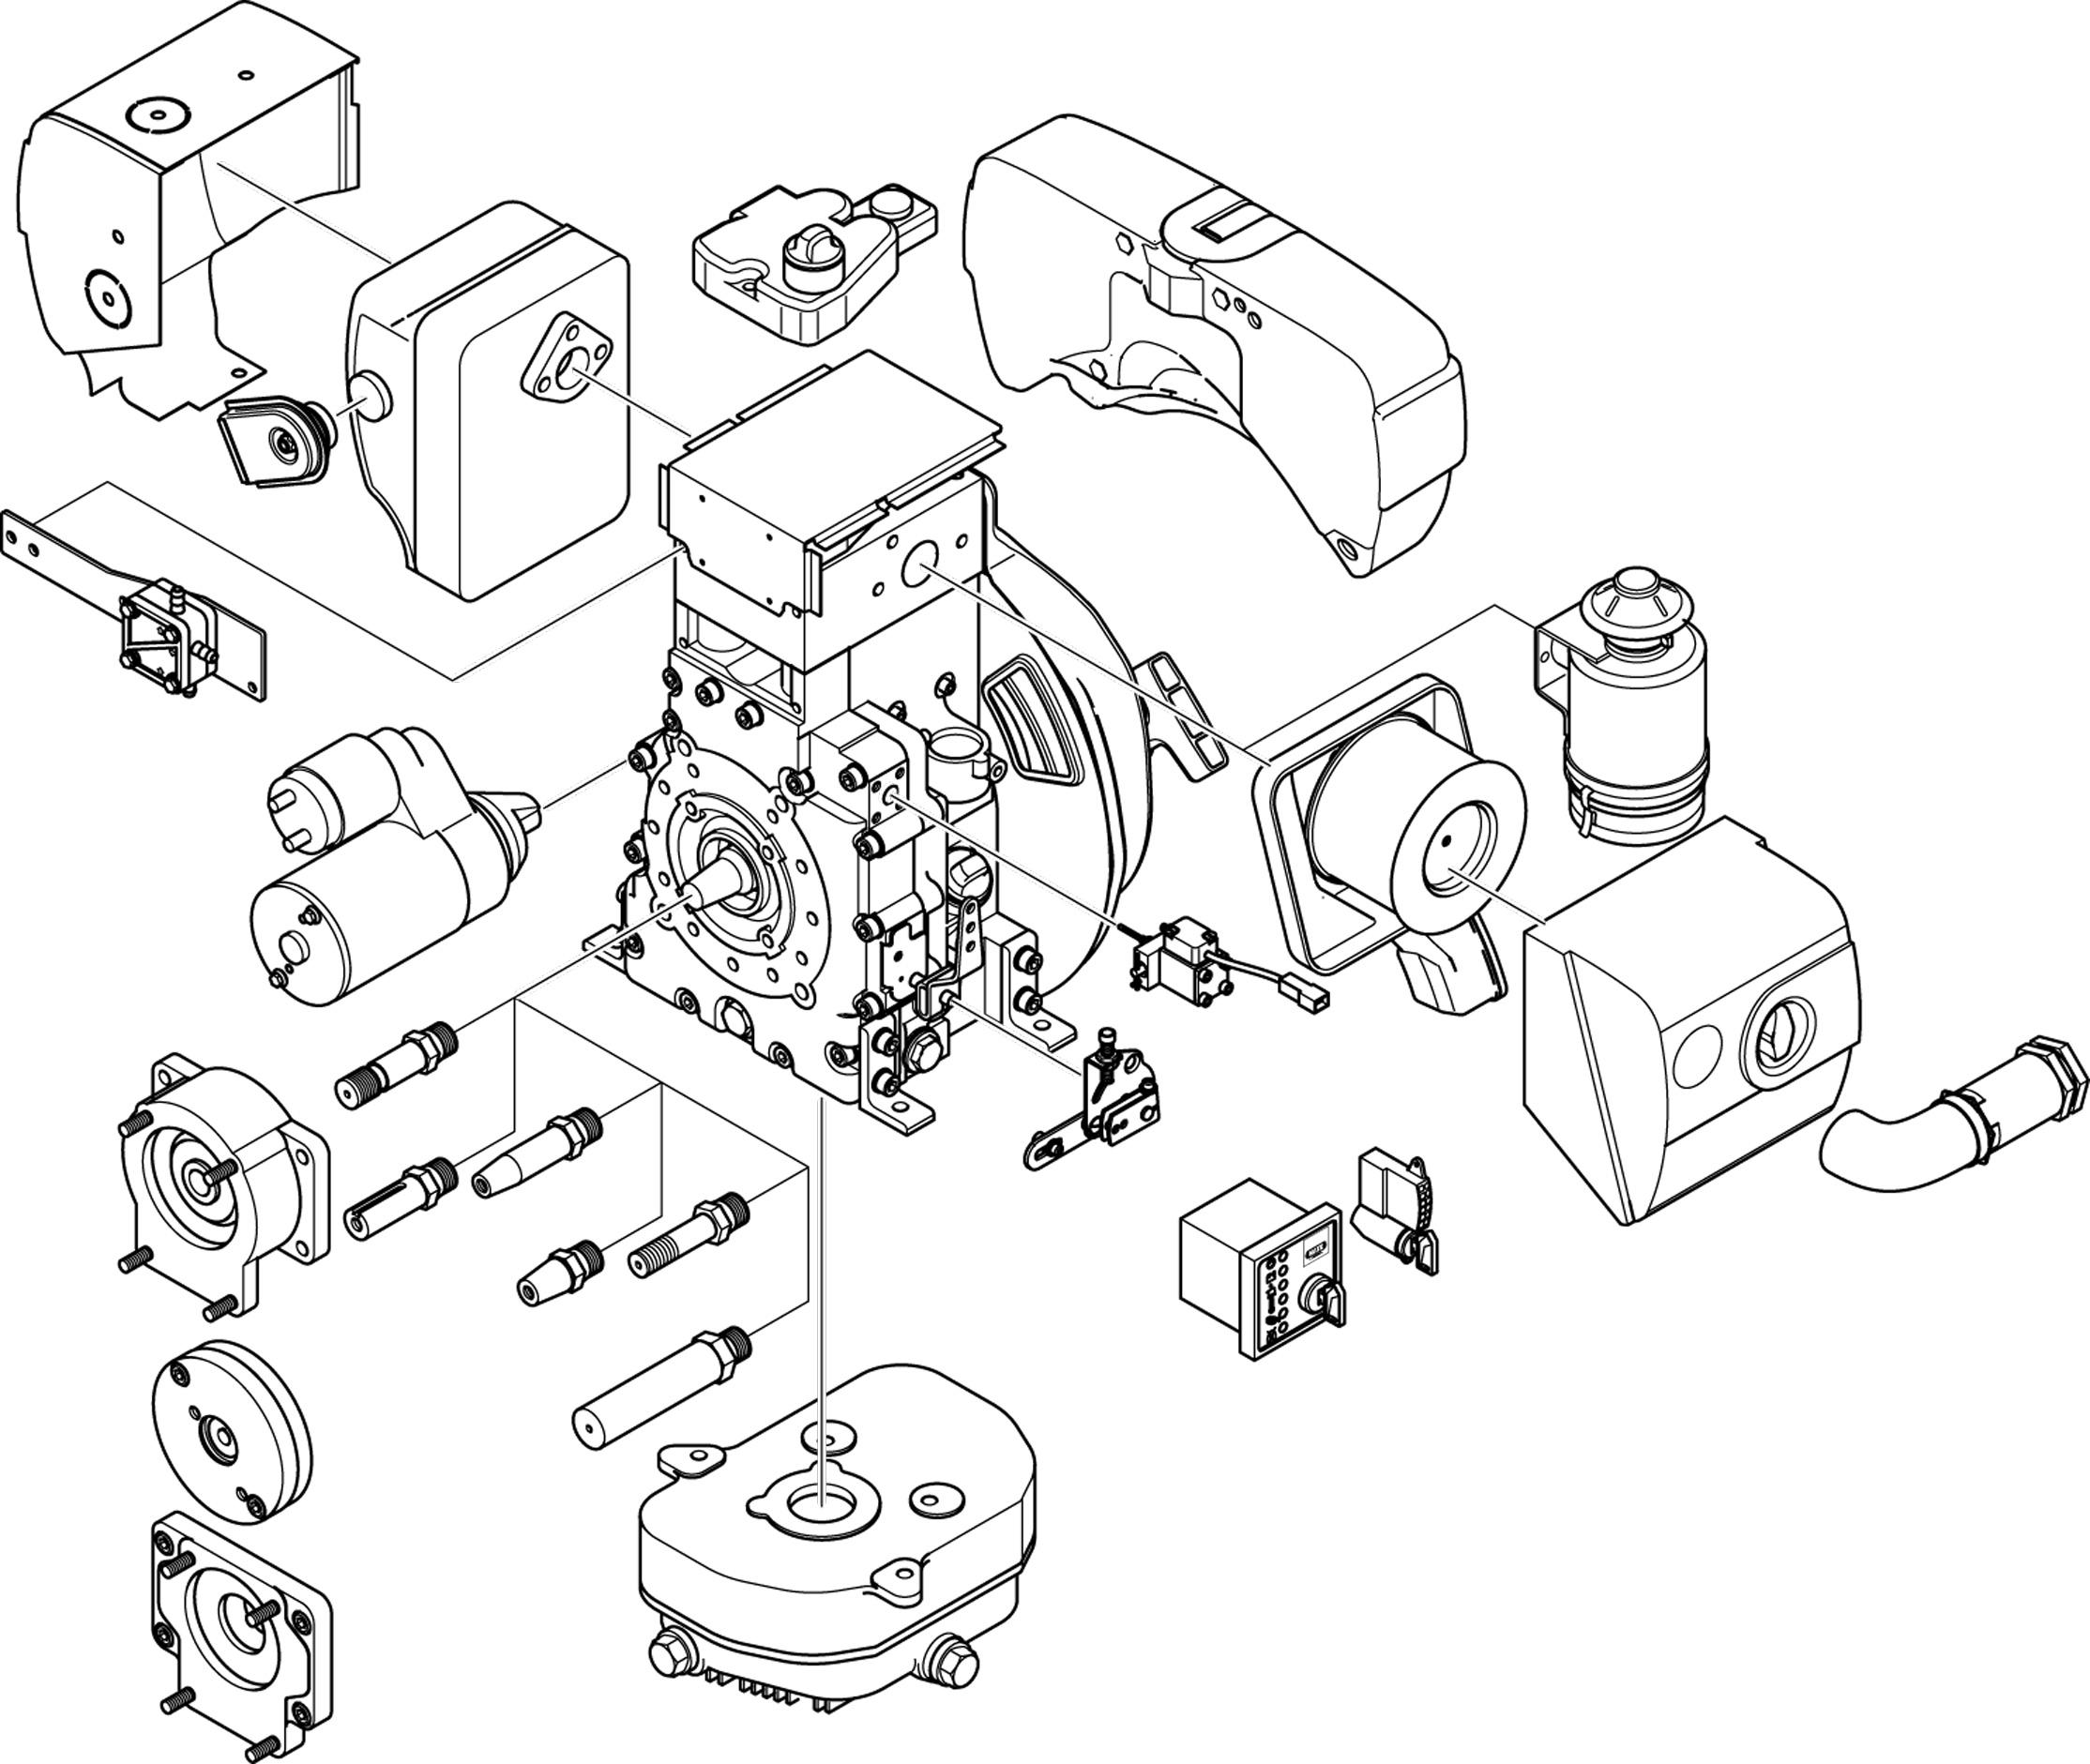 Sony Xplod 1000 Watt Wiring Diagram besides Wiring Diagram For John Deere 1010 besides 528821181215032314 besides Mitsubishi Dlp Wiring Diagram moreover Mercedes Benz Diagram. on hatz engine wiring diagram